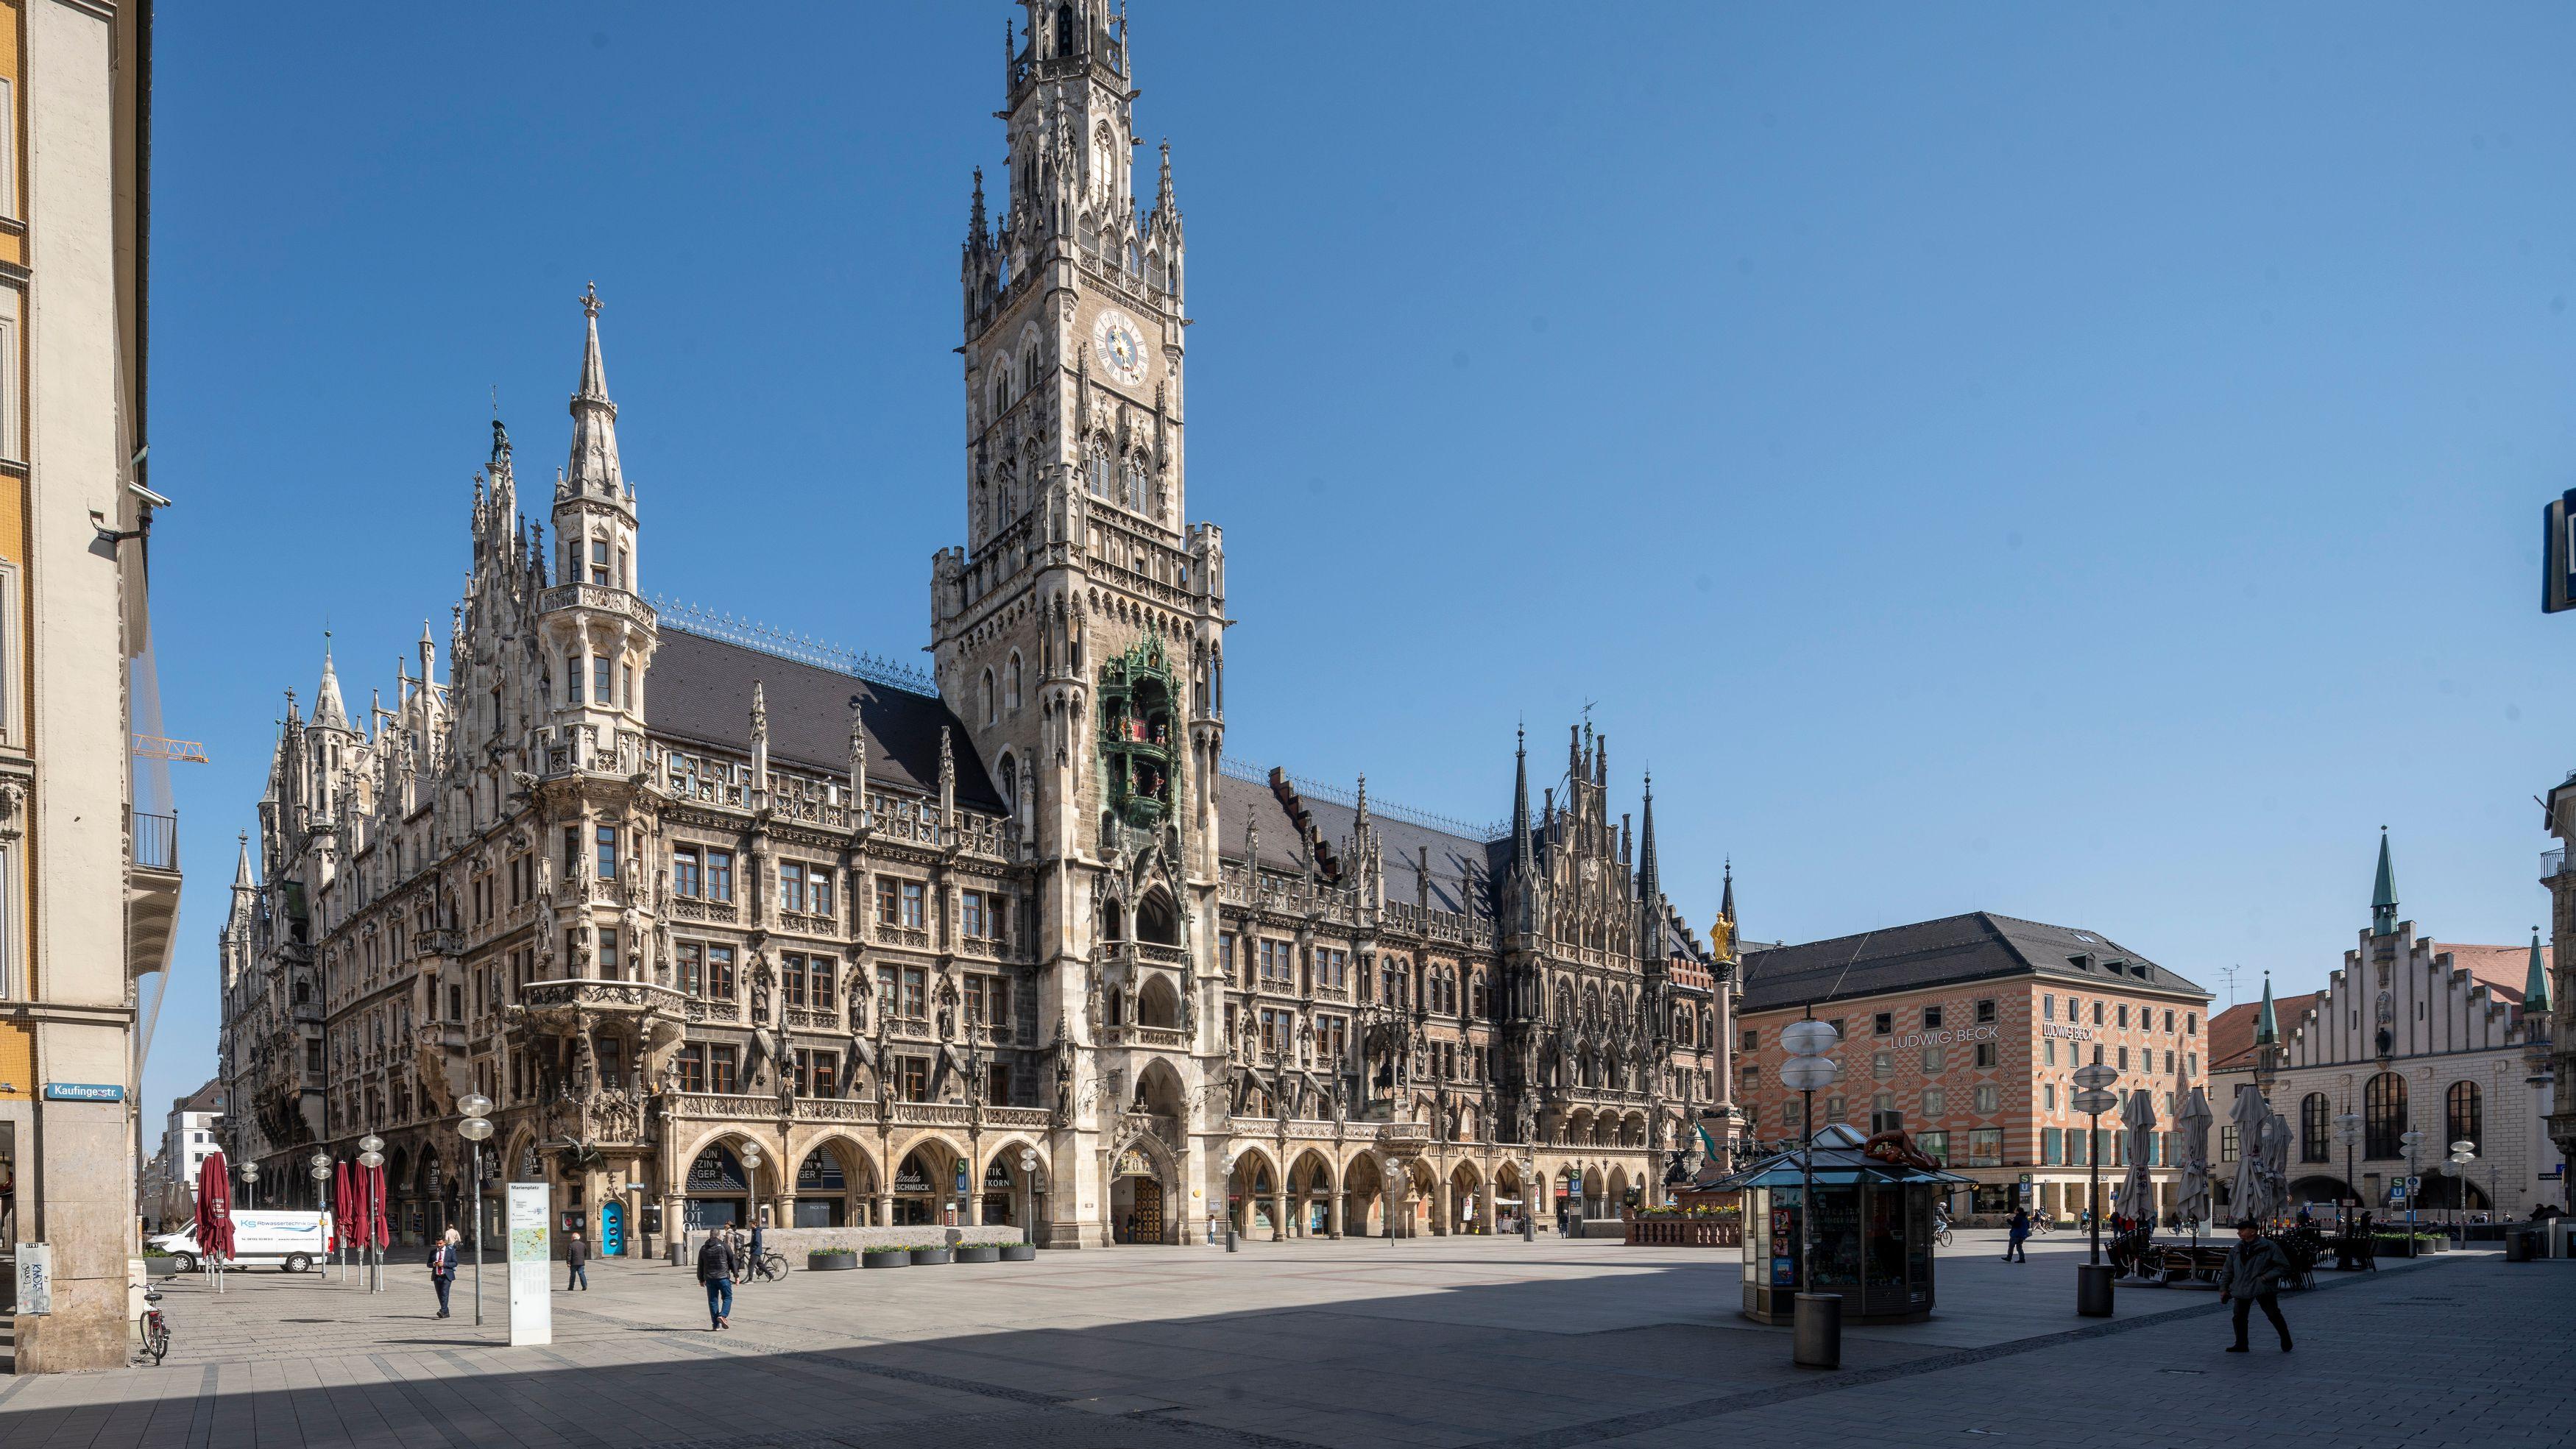 Auf dem Marienplatz in München sind kaum Menschen unterwegs, obwohl strahlender Sonnenschein ist.